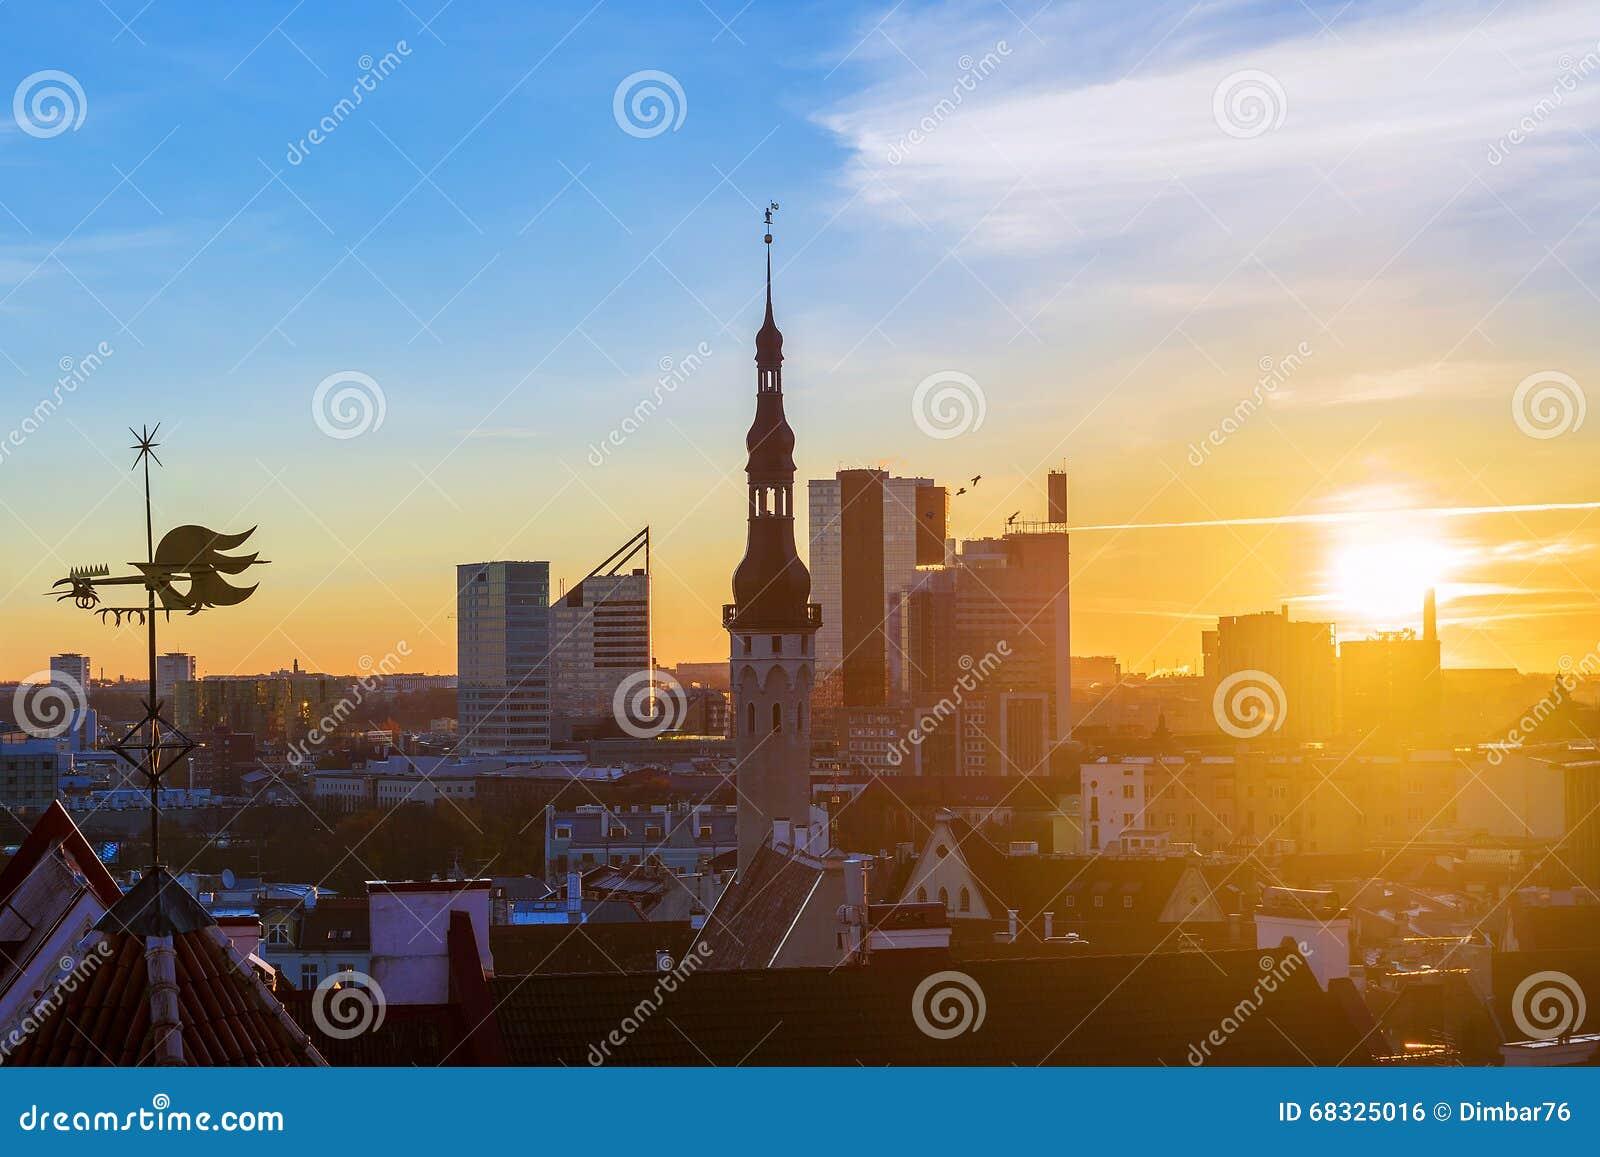 Ochtendpanorama van Tallinn, Estland